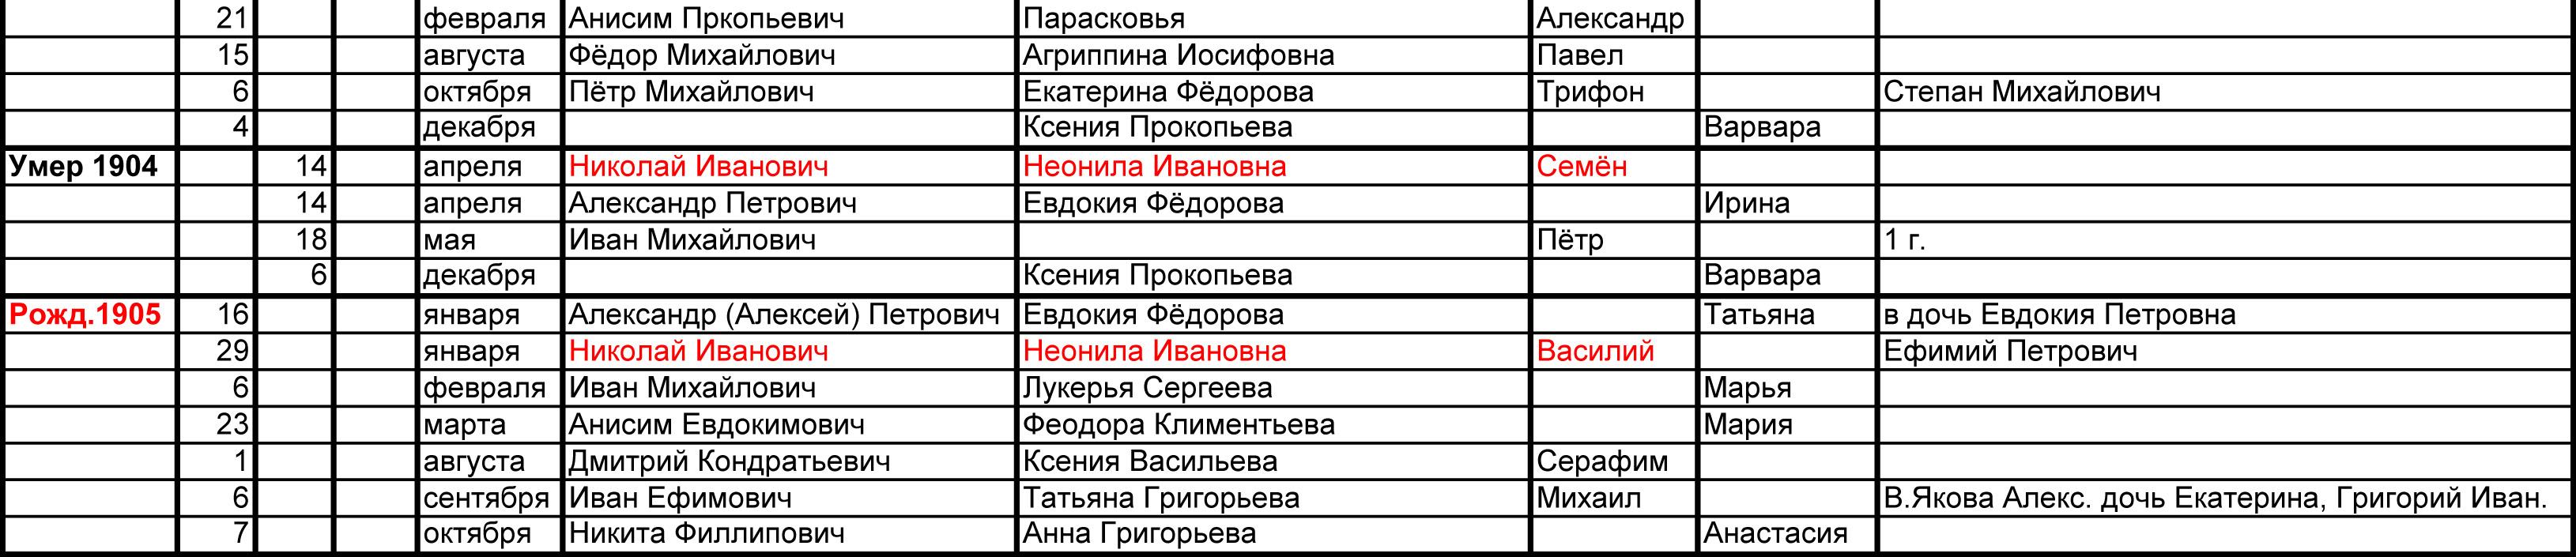 Метрический список Зверевых д. Щёкотово 1904-1905